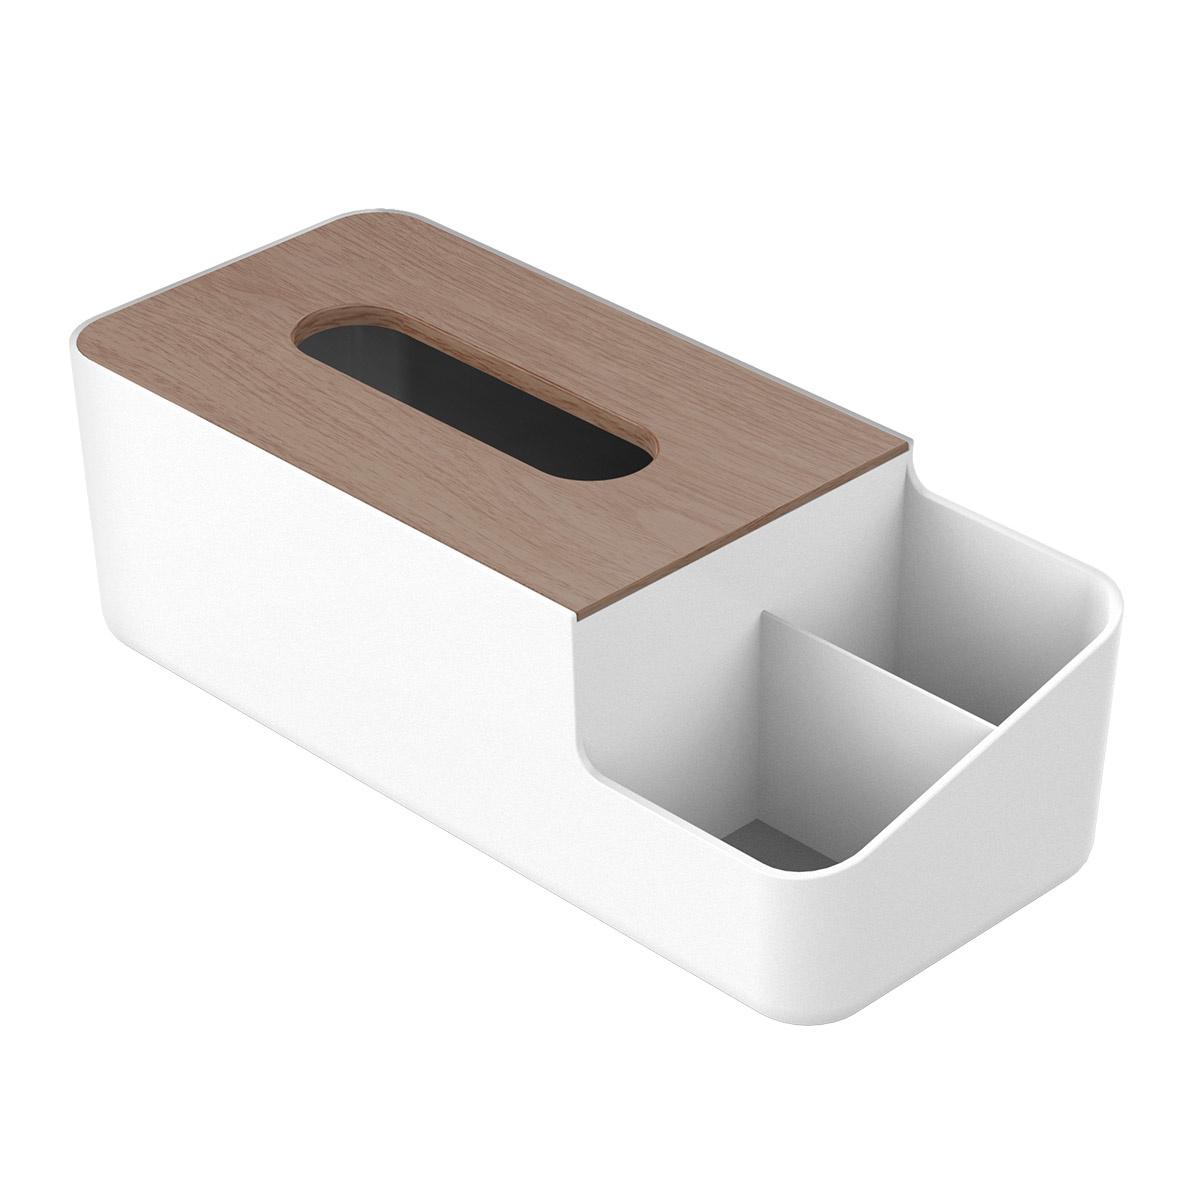 Nieuw Multifunctionele tissue box houder met opberg vakken - Orico ZZ-34